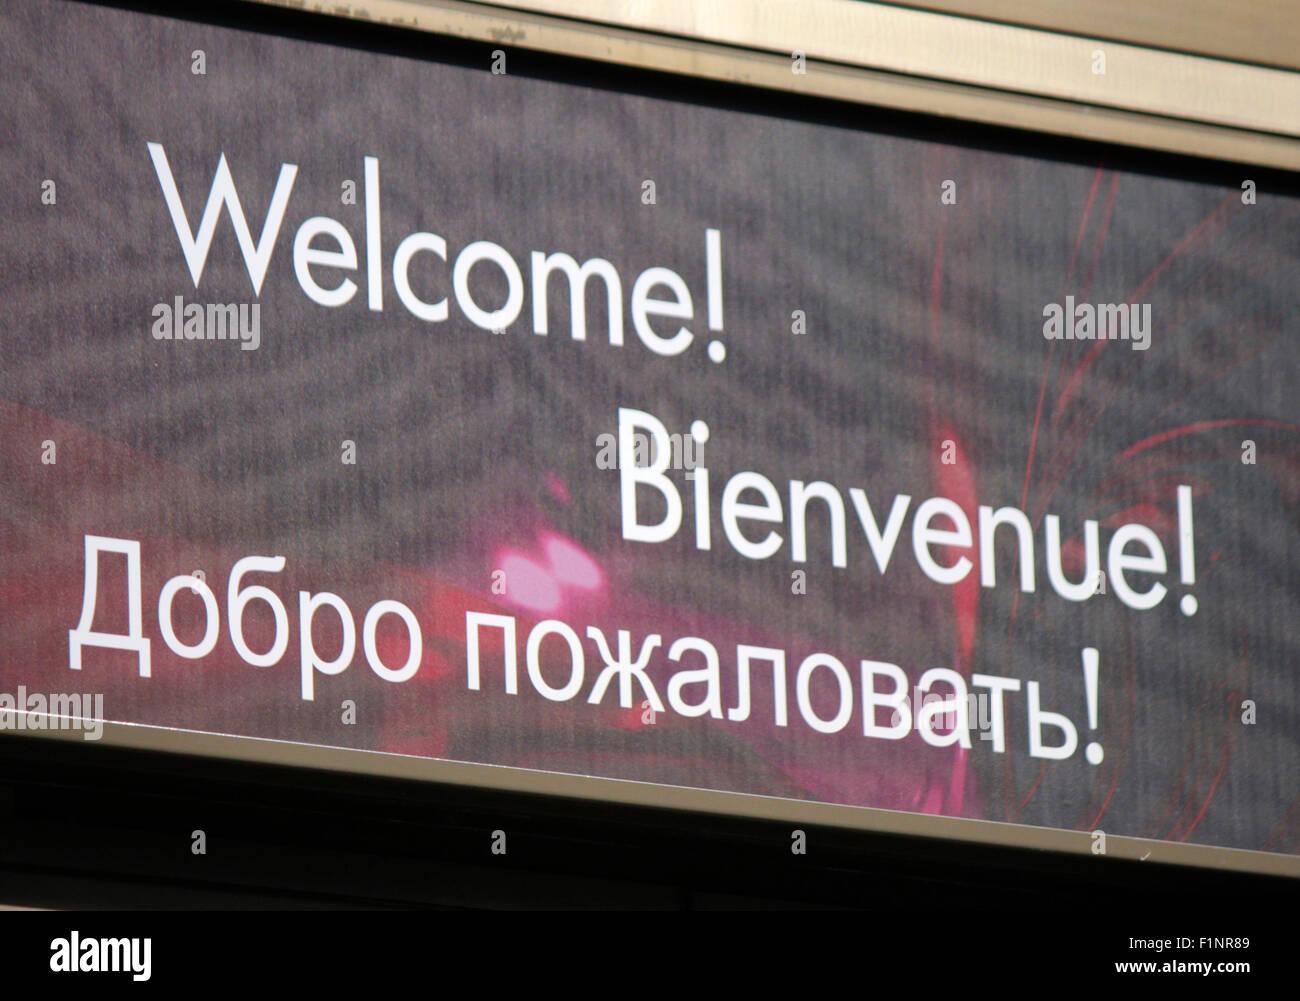 internationale Begruessungen: Willommen, Welcome, Bienvenue, dobroe pojalowatj, Berlin. Stock Photo